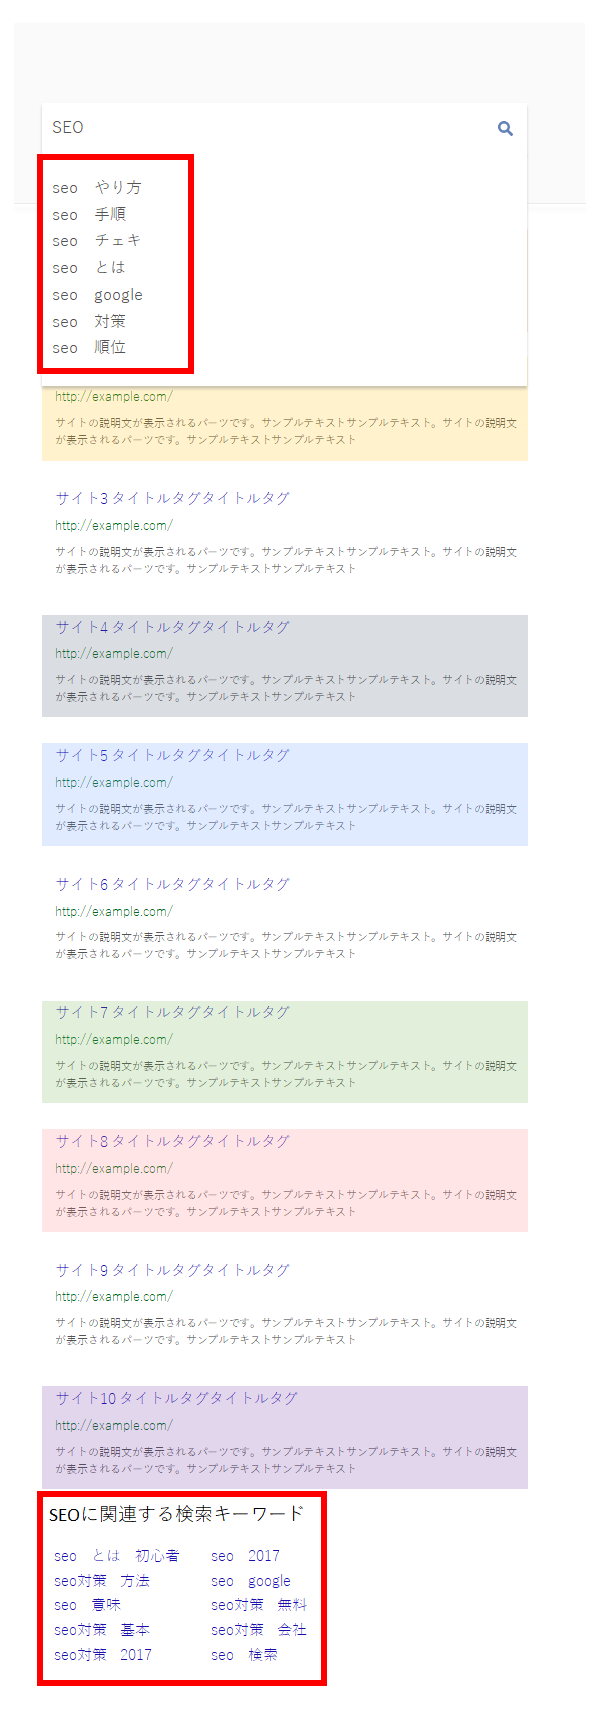 関連語サジェスト